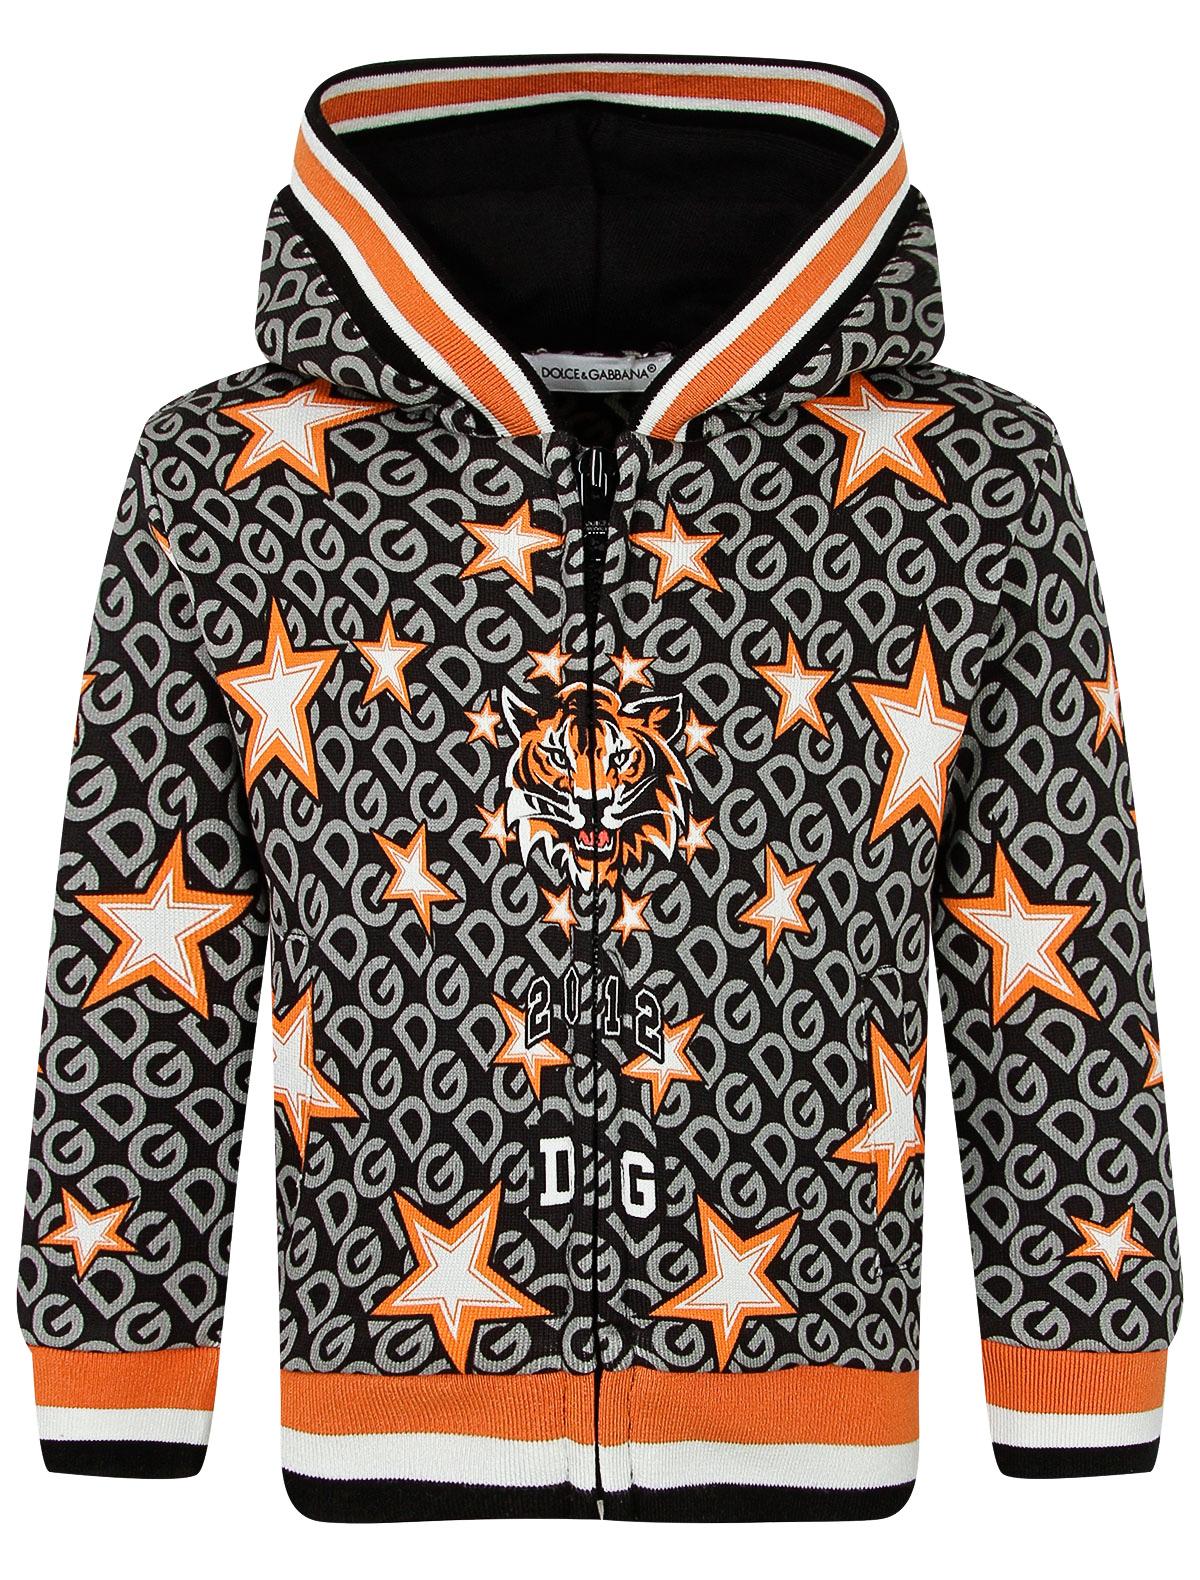 Купить 2264196, Толстовка Dolce & Gabbana, черный, Мужской, 0074519083625